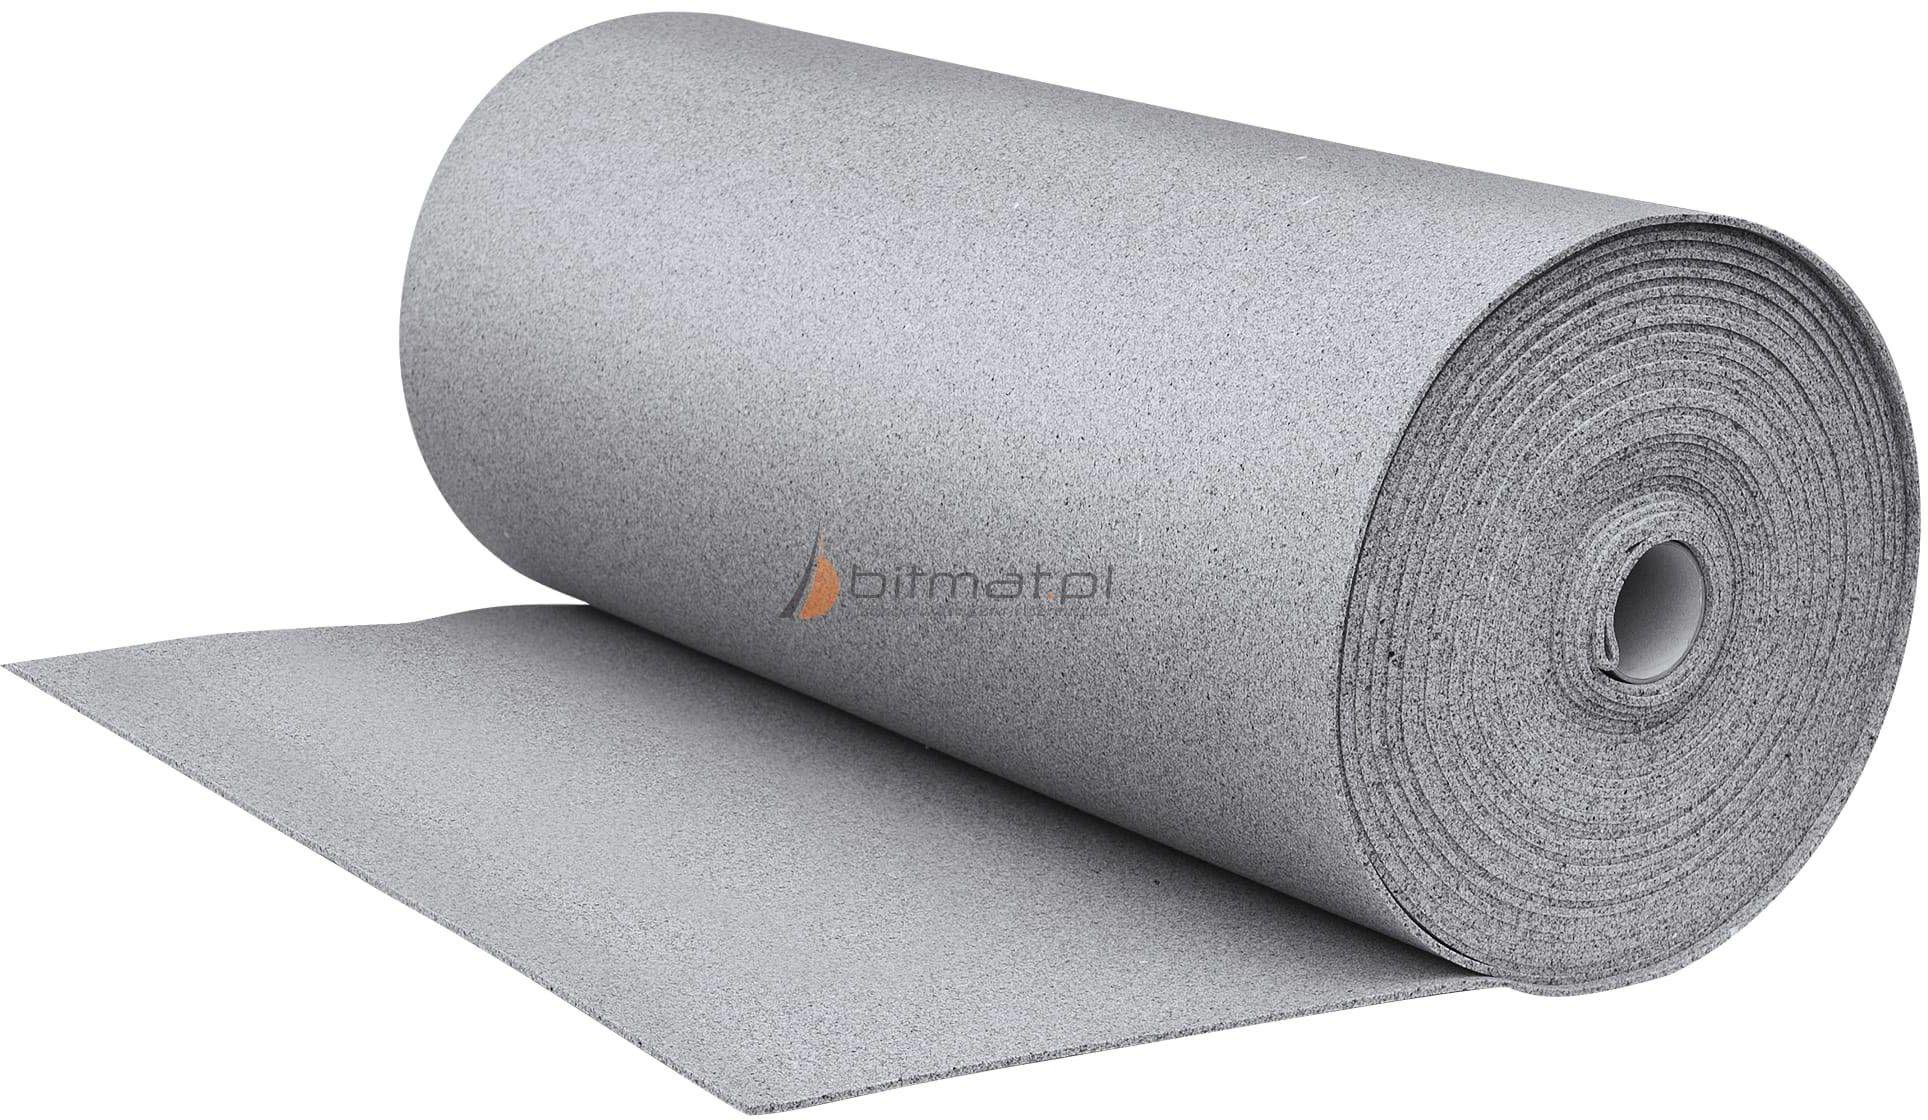 R180 Pianka pod panele podłogowe, wykładziny i dywany